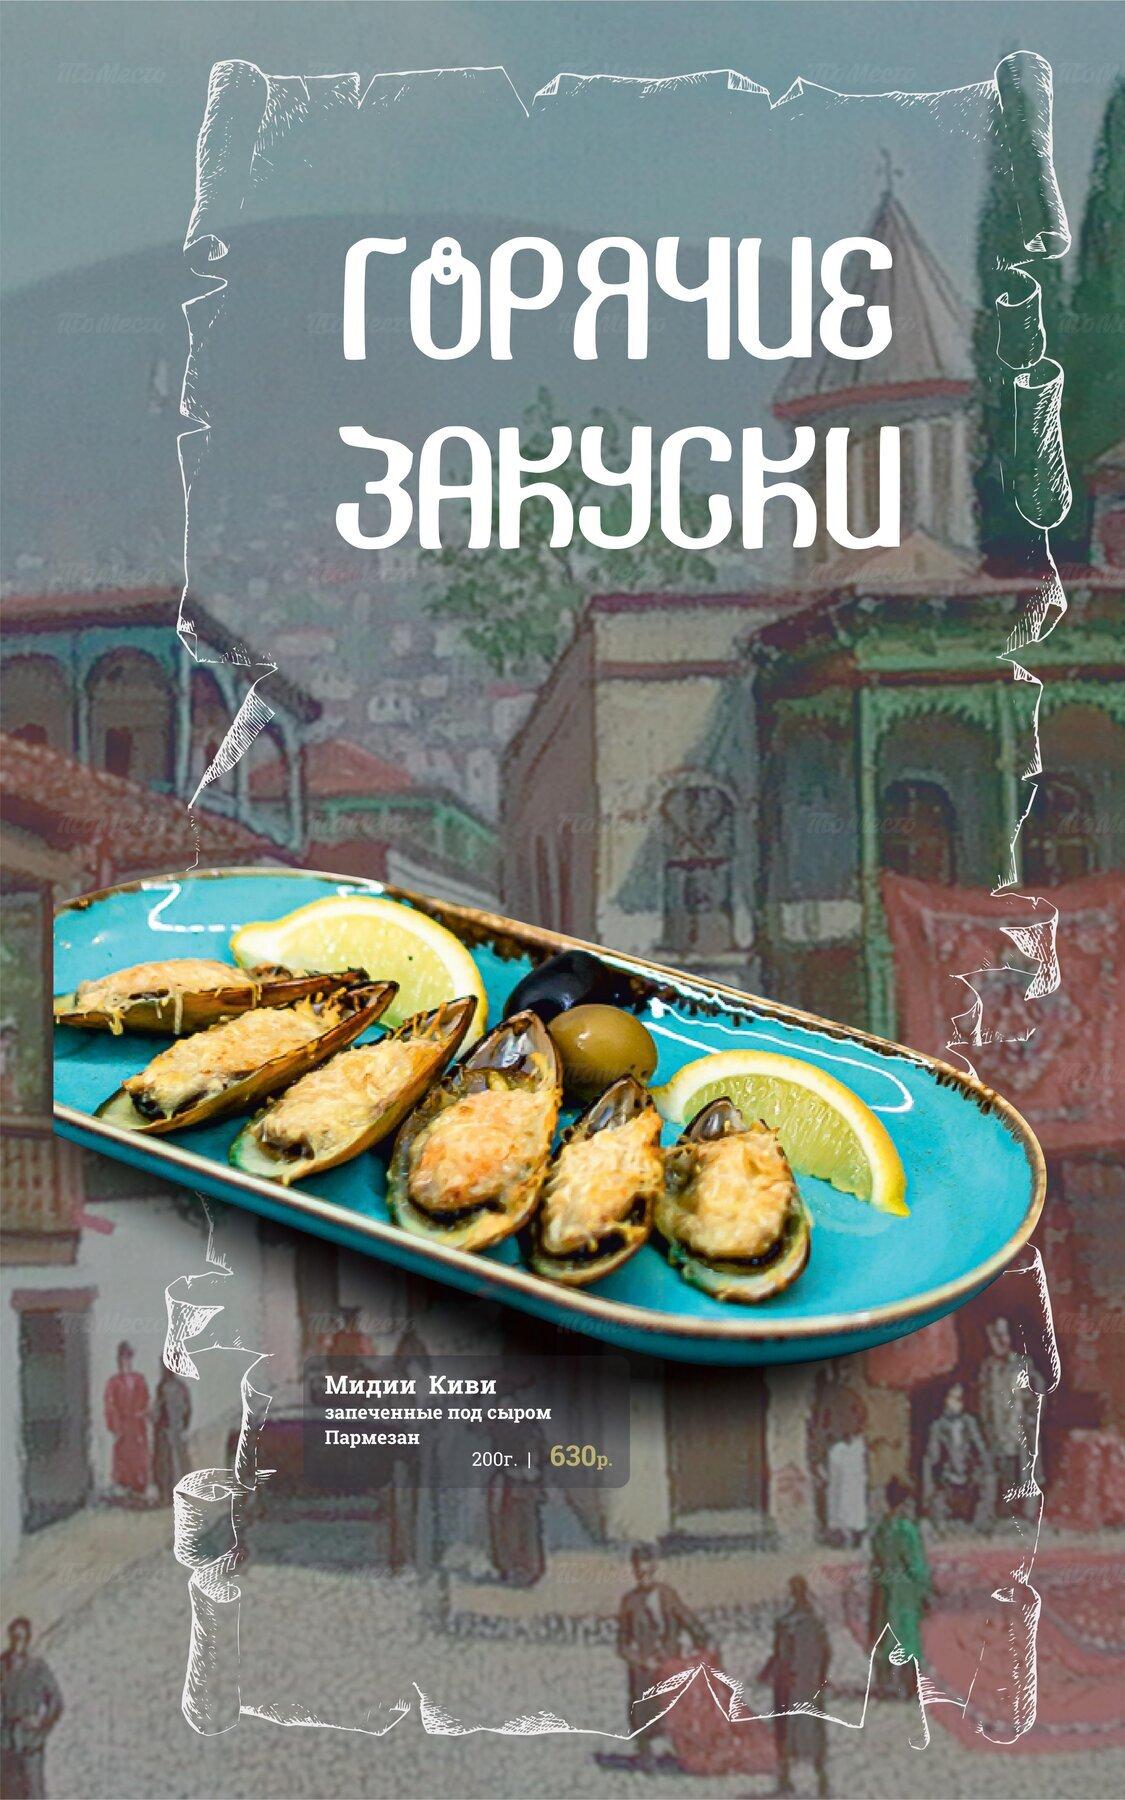 Меню ресторана Хванчкара на улице Селезнёва фото 9